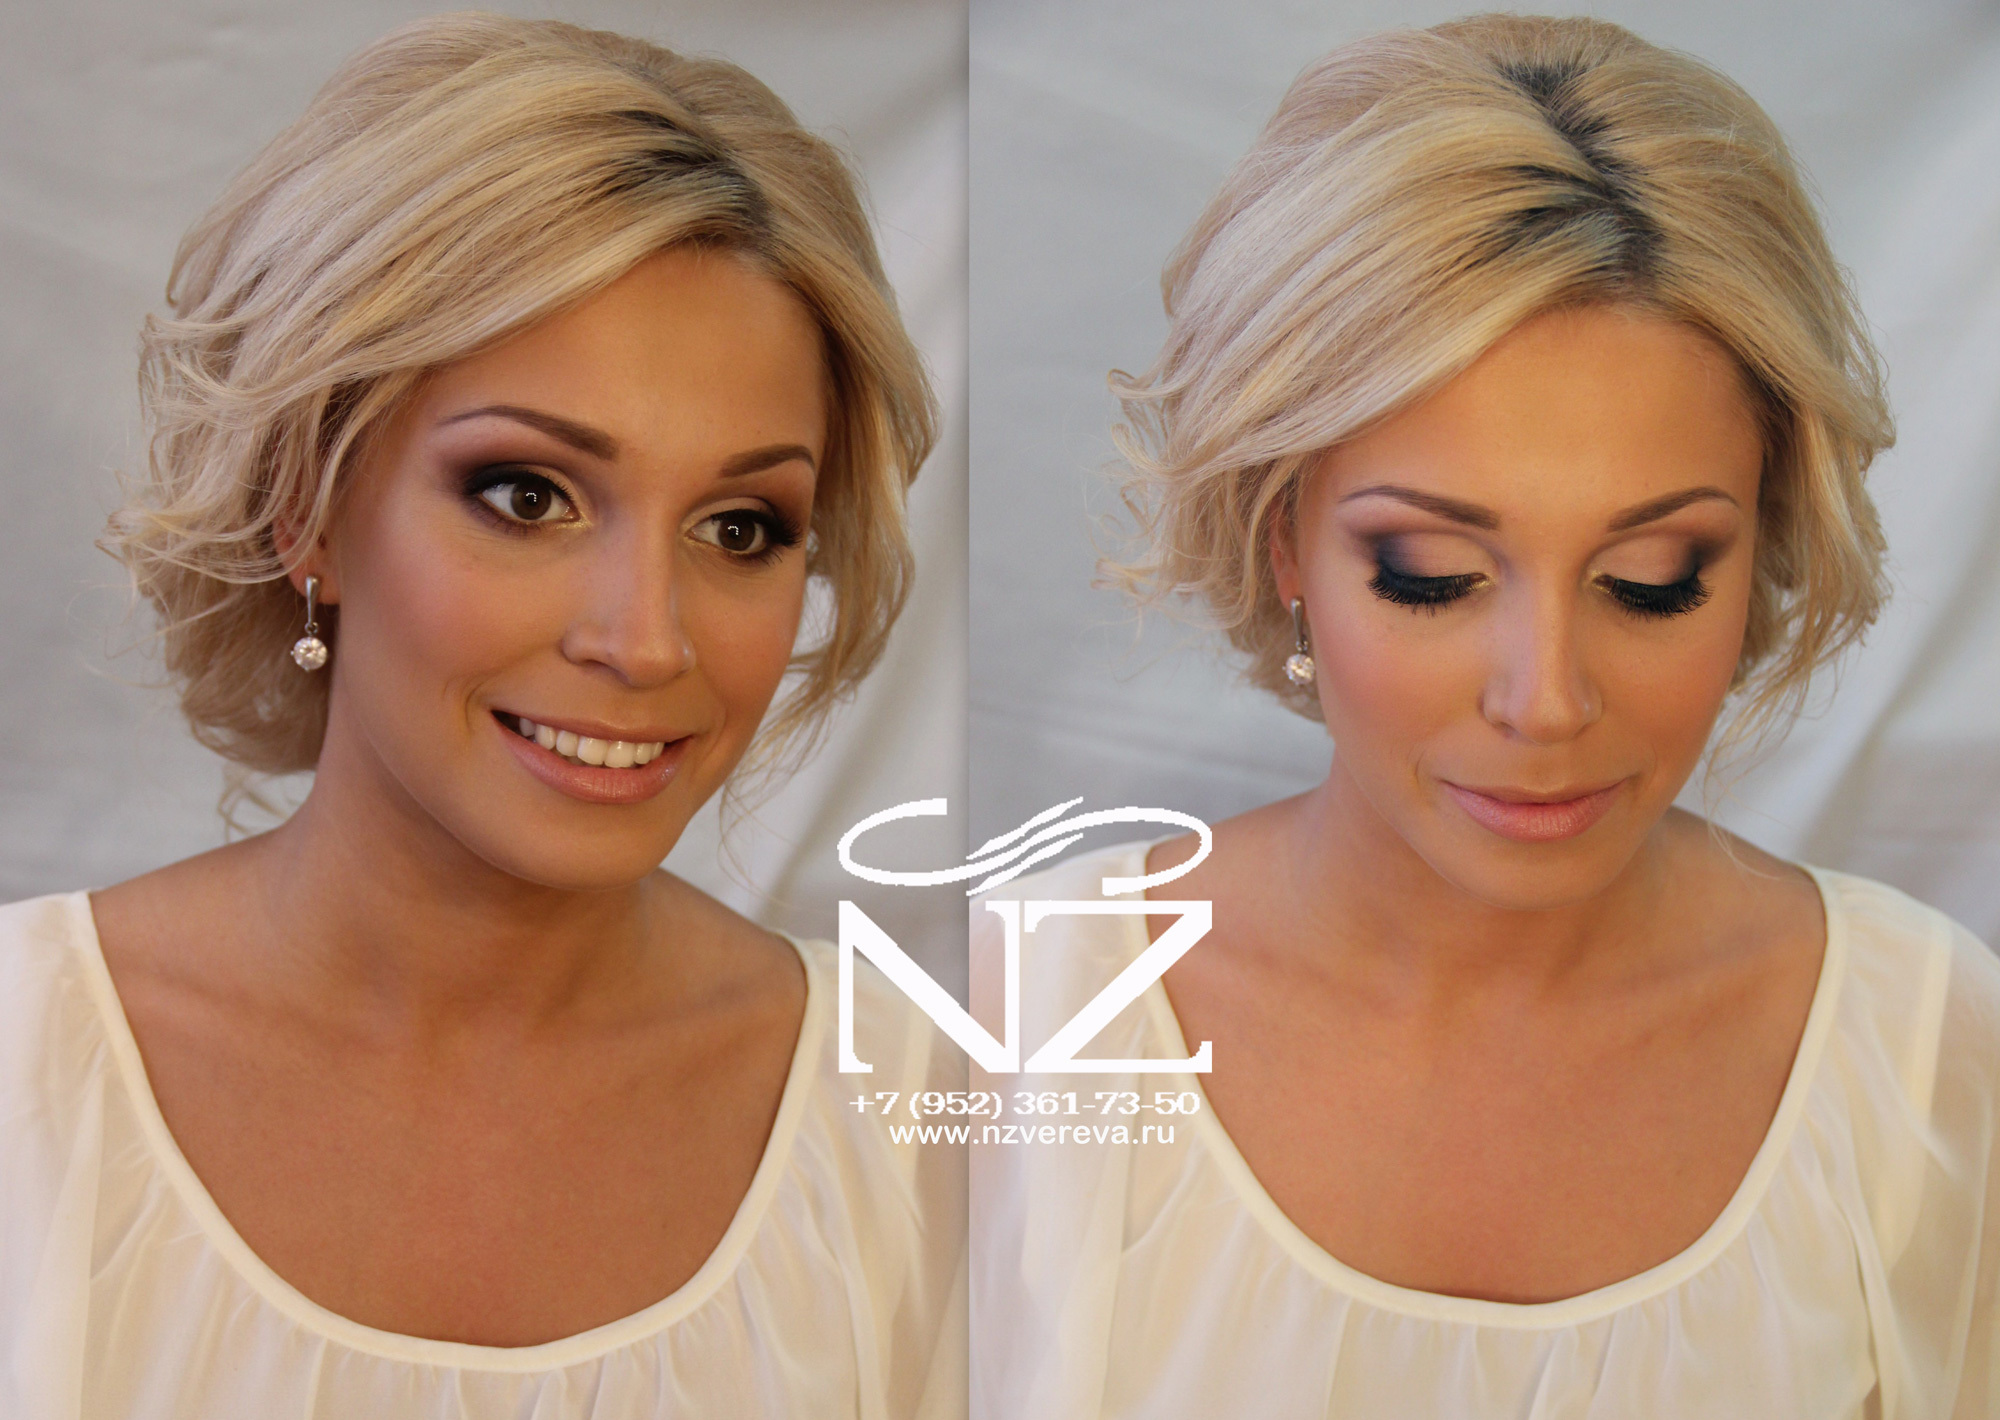 Свадебный макияж к квадратному лицу